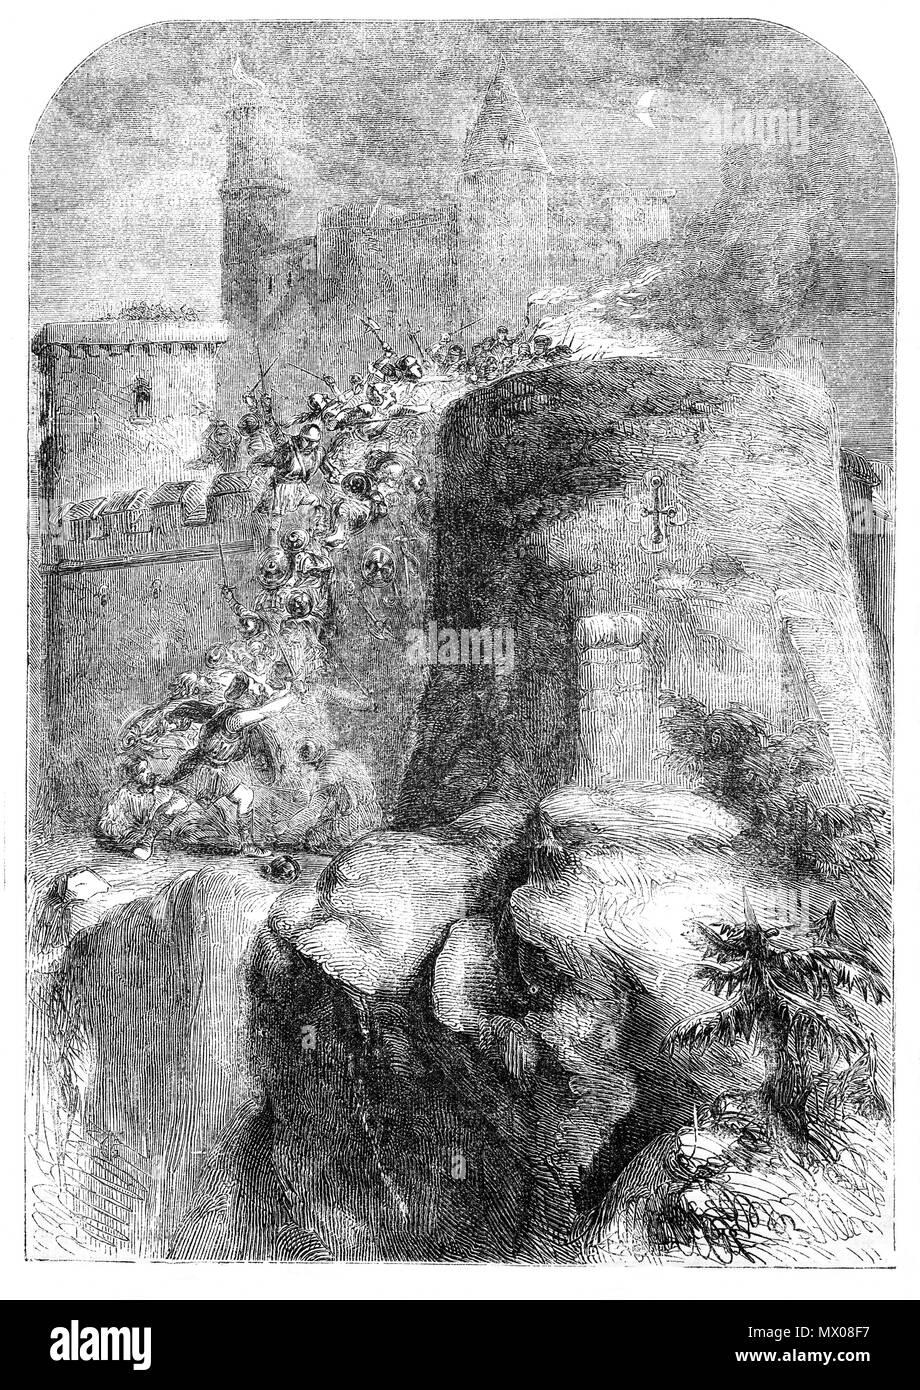 Durante la Primera Guerra de Independencia Escocesa, el rey Eduardo I invadió Escocia en 1296 e hizo una abeja-línea para el Castillo de Edimburgo. Después de un corto período de tres días de asedio, el castillo fue capturado y una gran guarnición de 350 caballeros montados para protegerlo. Los maestros artesanos que fueron traídas de Gales con el fin de reforzar las defensas del castillo. Royal Regalia, registros de estado y otros tesoros pertenecientes al Castillo de Edimburgo fueron saqueados y enviado a Londres junto con la piedra del destino de Scone Abbey. Foto de stock